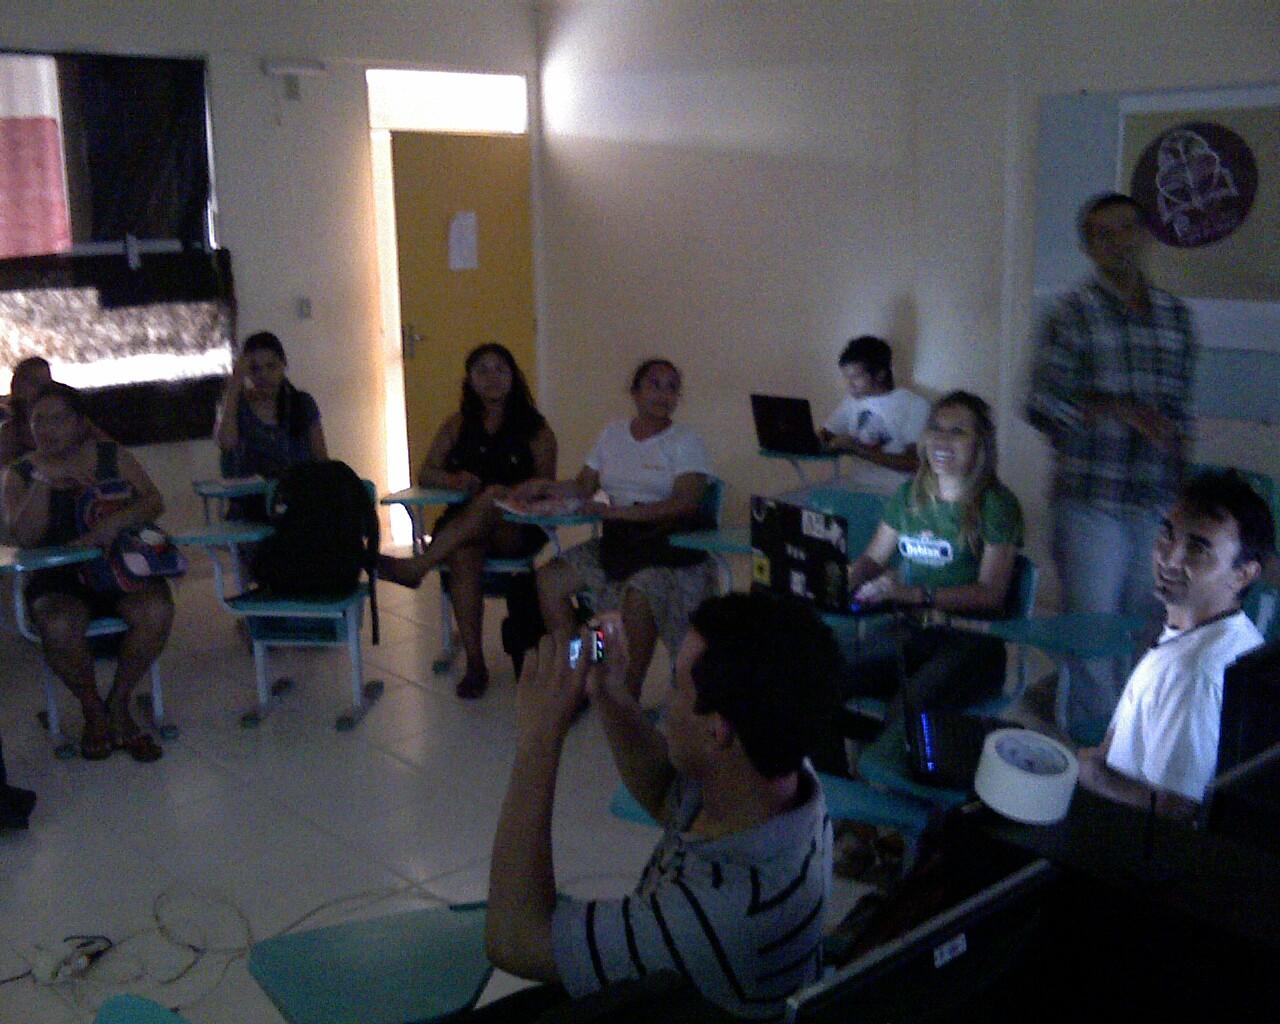 Oficina com blogueiros